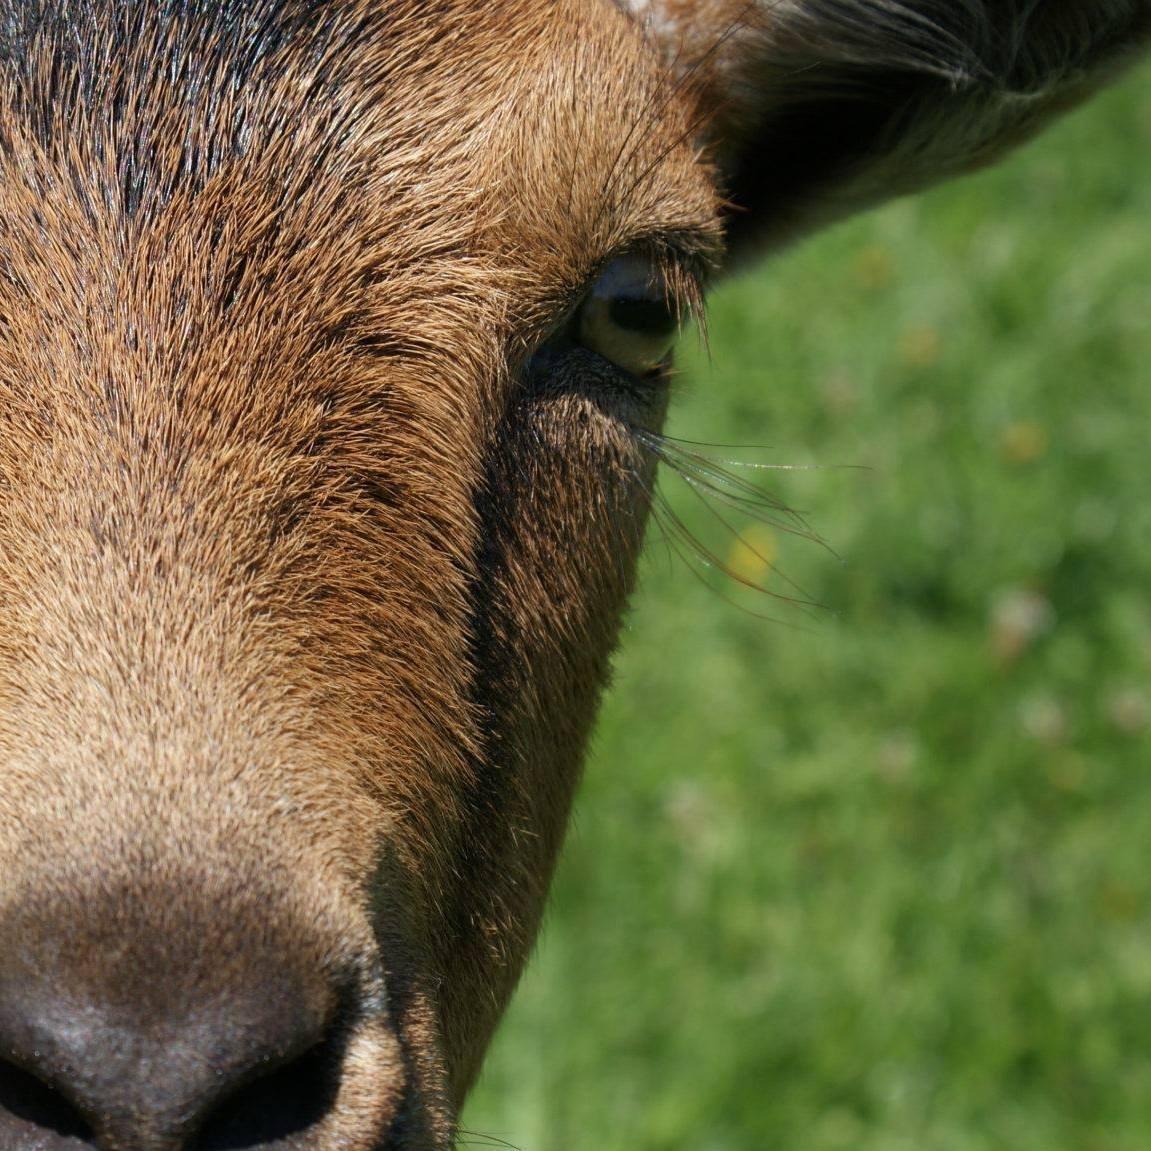 My pet goat, Blaze.